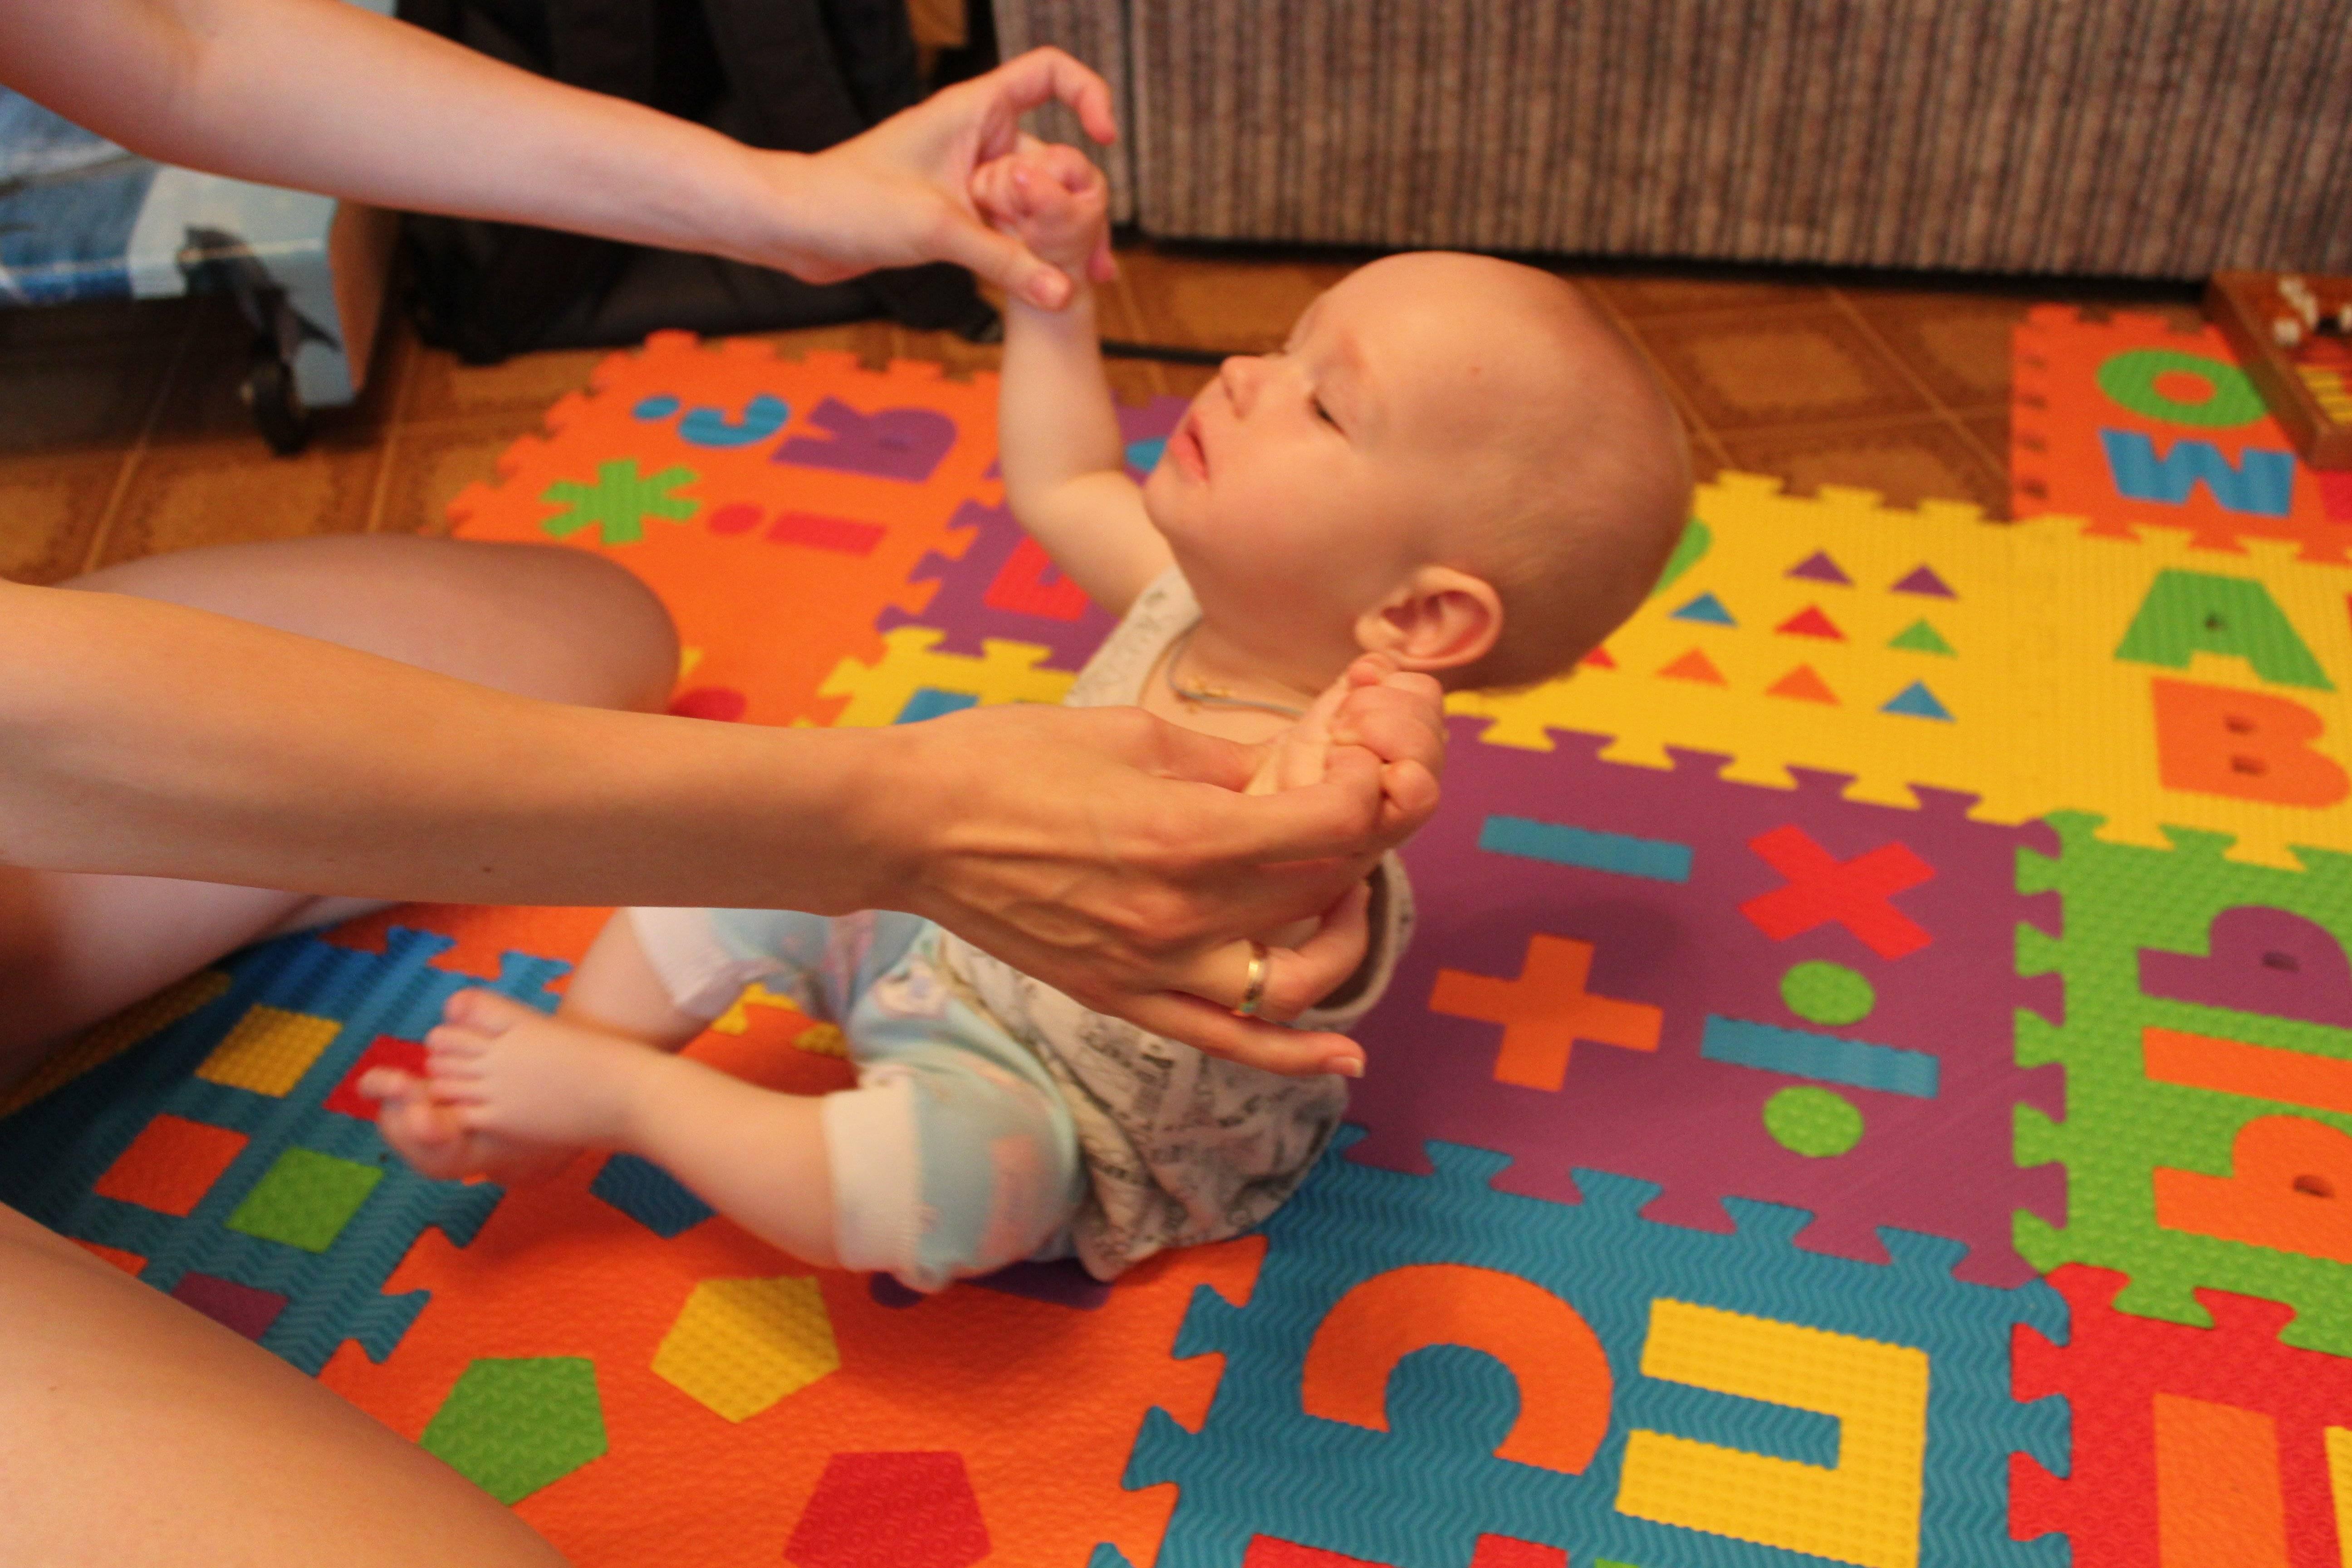 Грудной ребенок капризничает и выгибает спину: причины плача и выгибания малыша